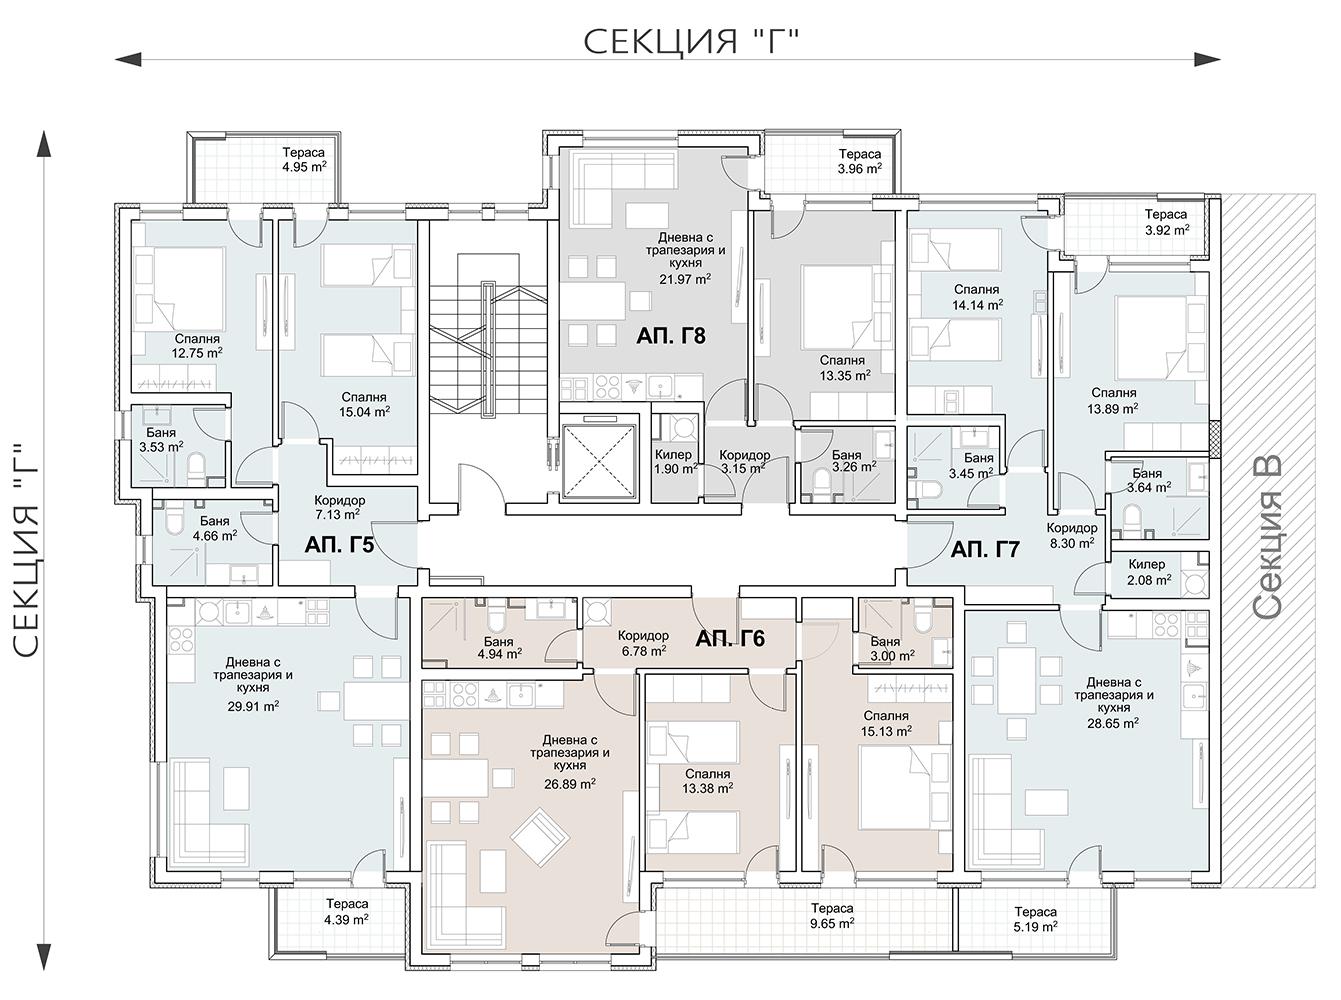 Сграда 7, вход Г, ет. 2